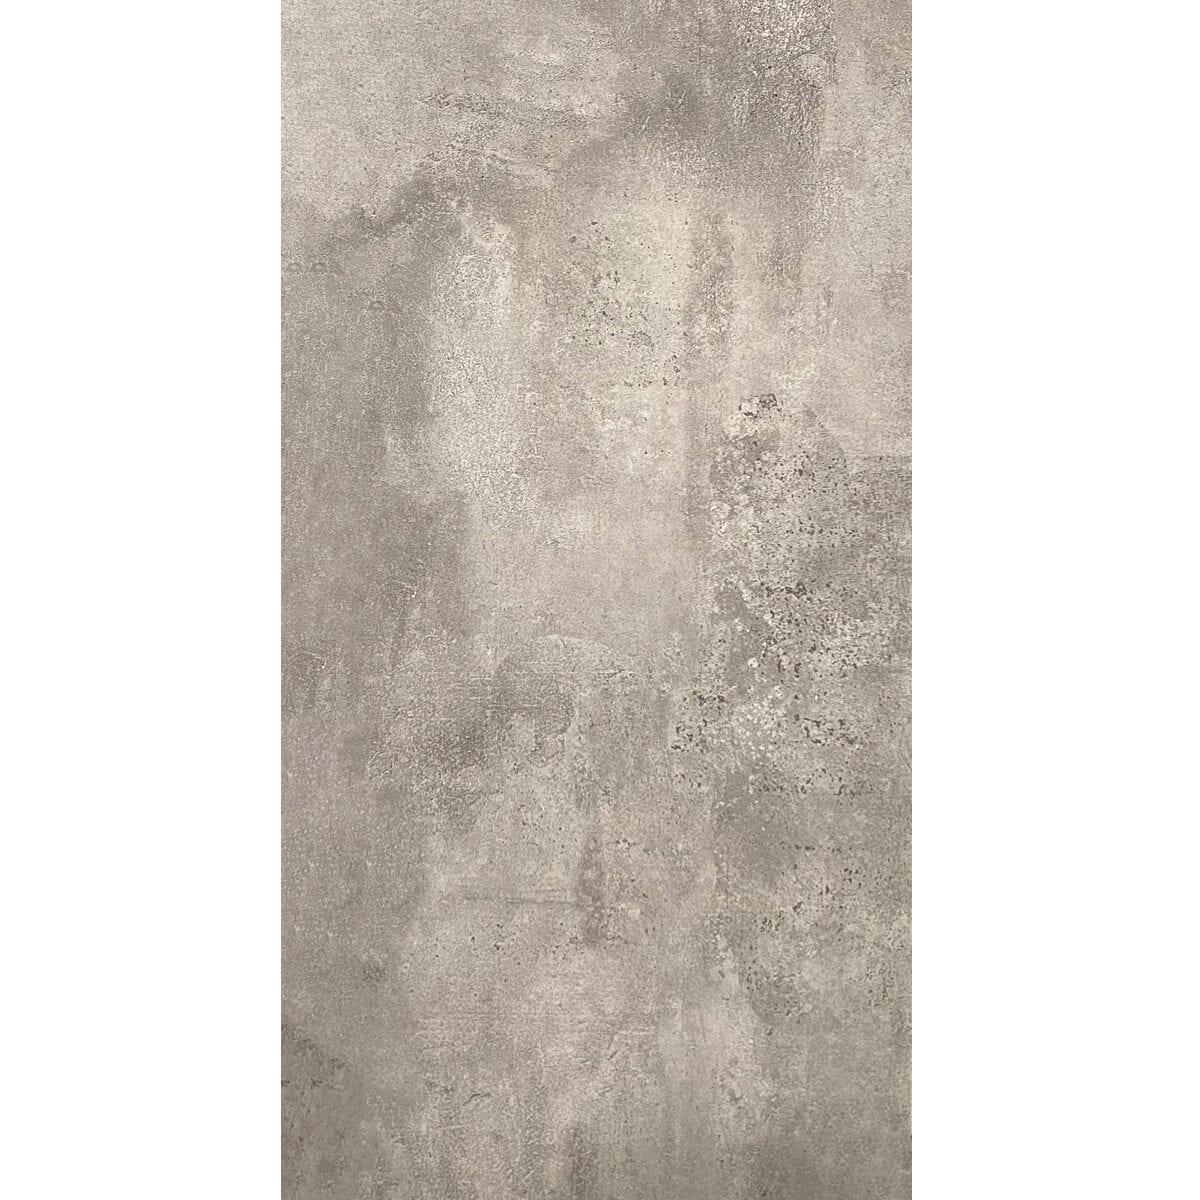 PORTA GREY MATTE 12X24 T10363